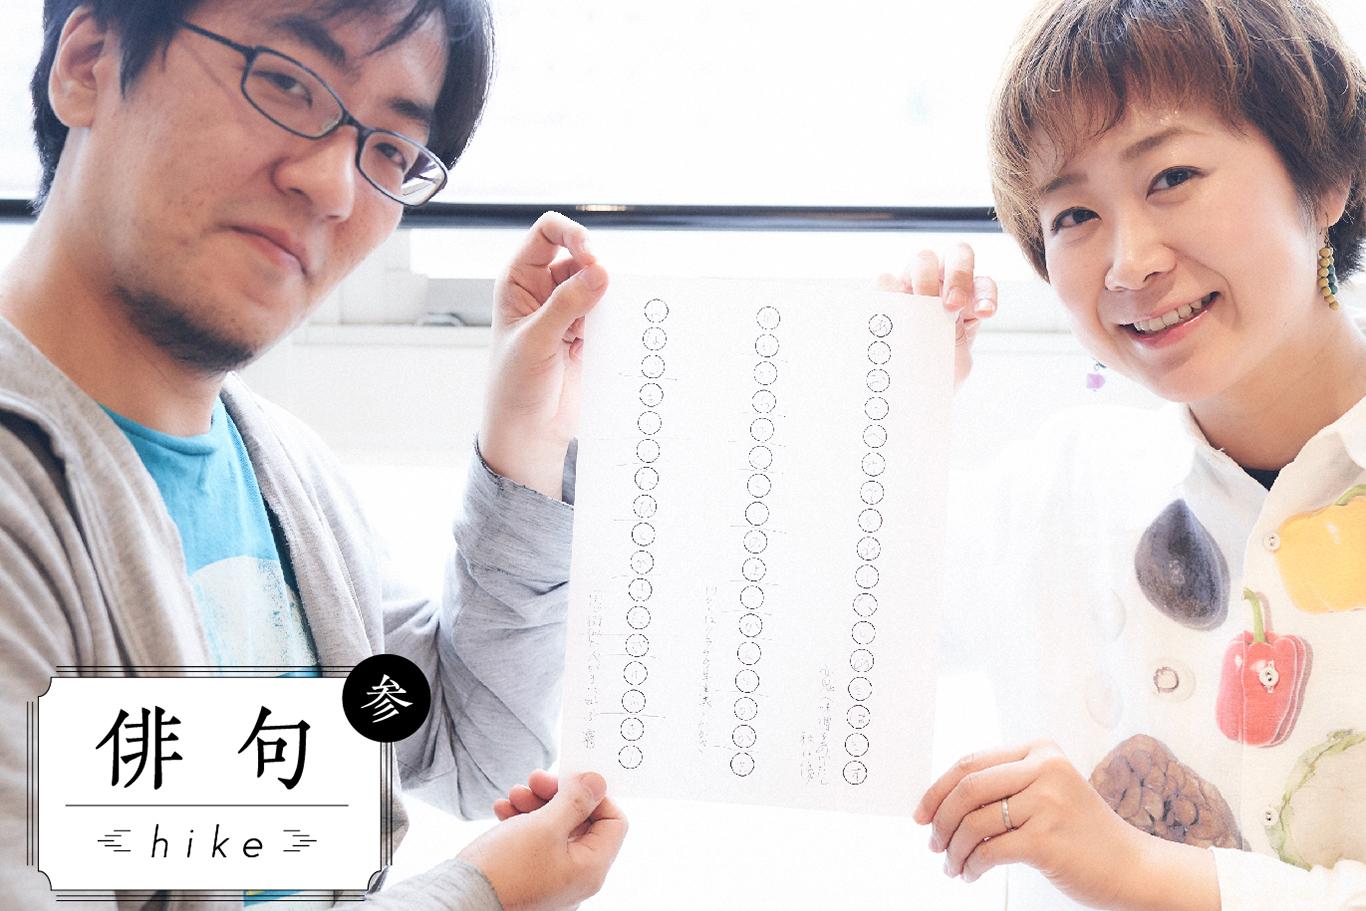 友だちと一緒に俳句を作る方法 pha×佐藤文香(後編)